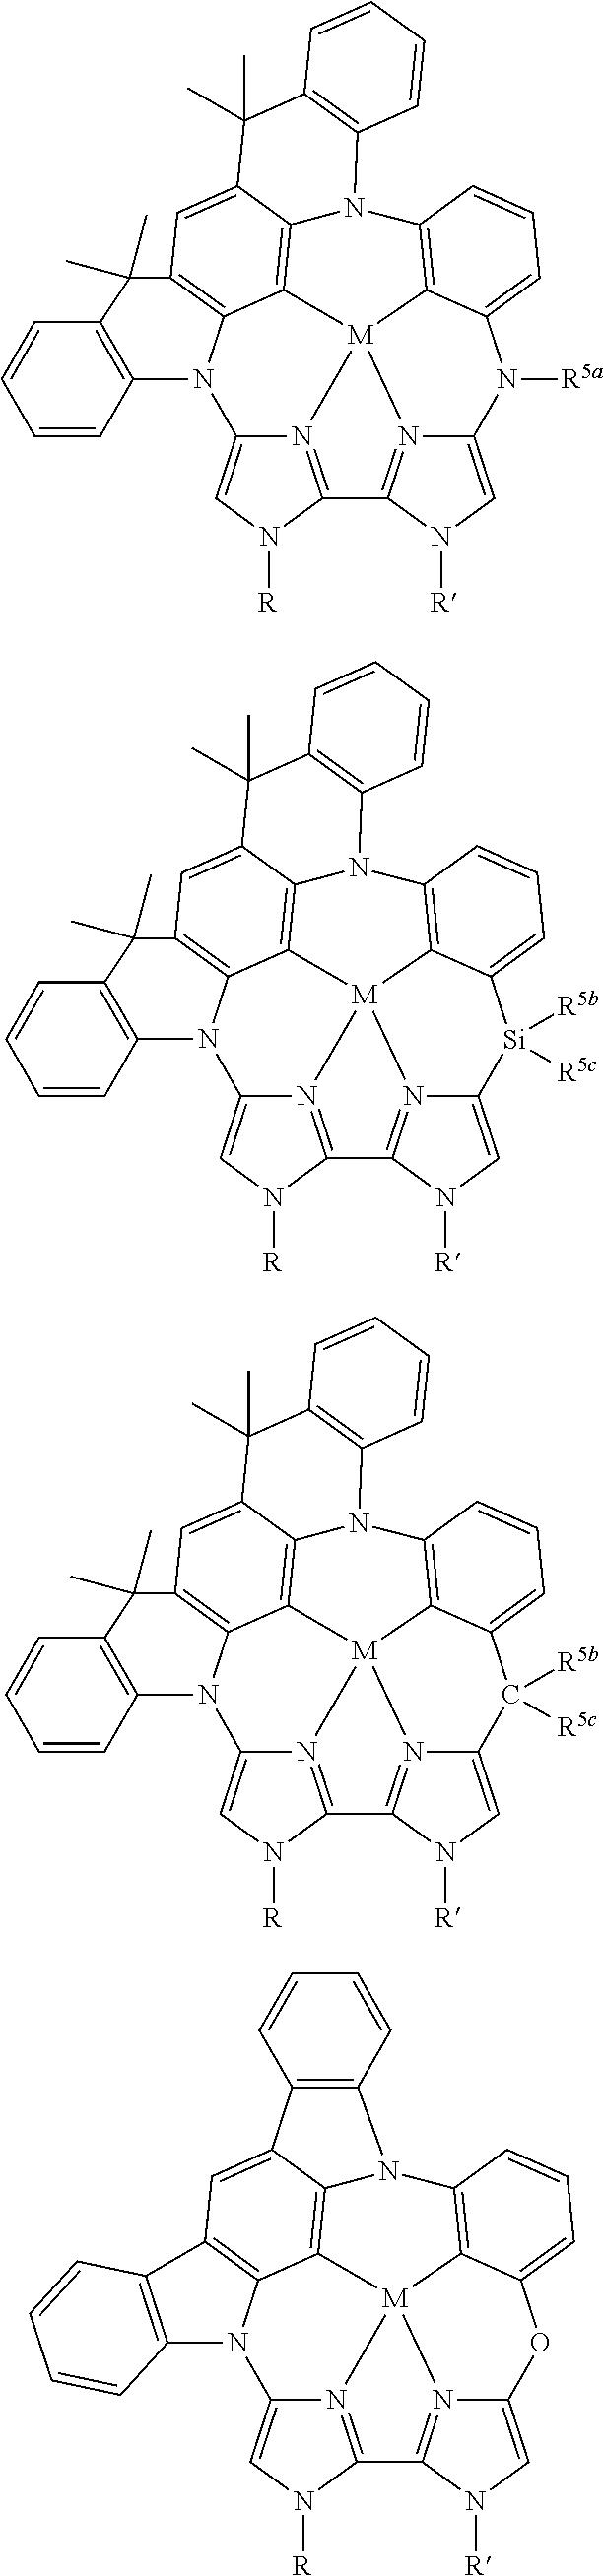 Figure US10158091-20181218-C00295